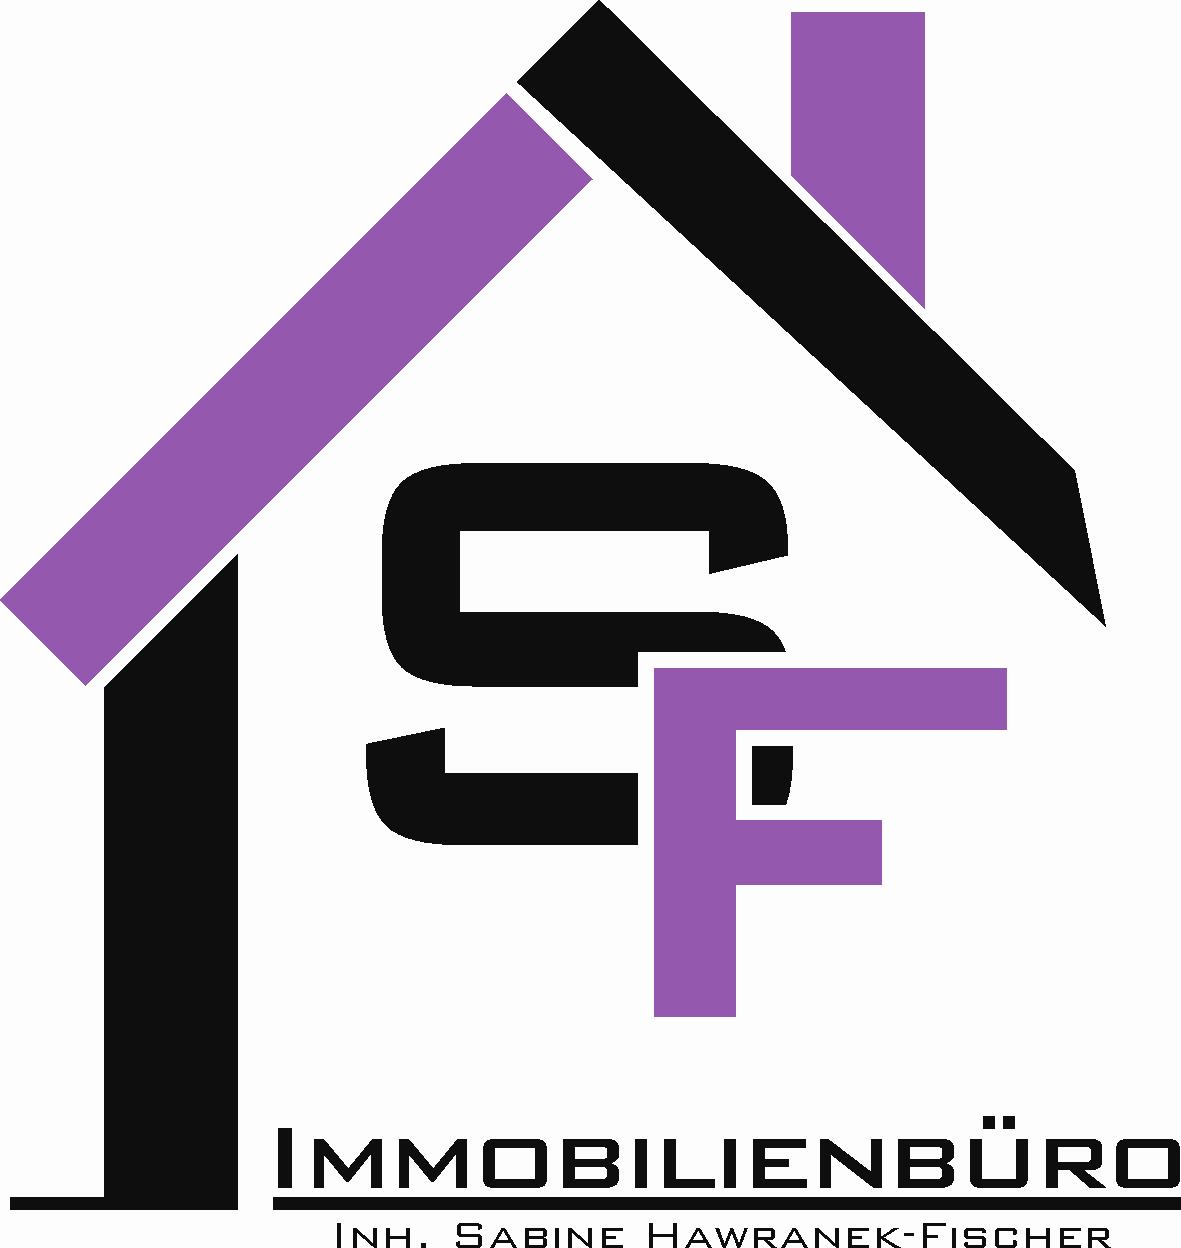 Hier sehen Sie das Logo von S.F. Immobilienbüro